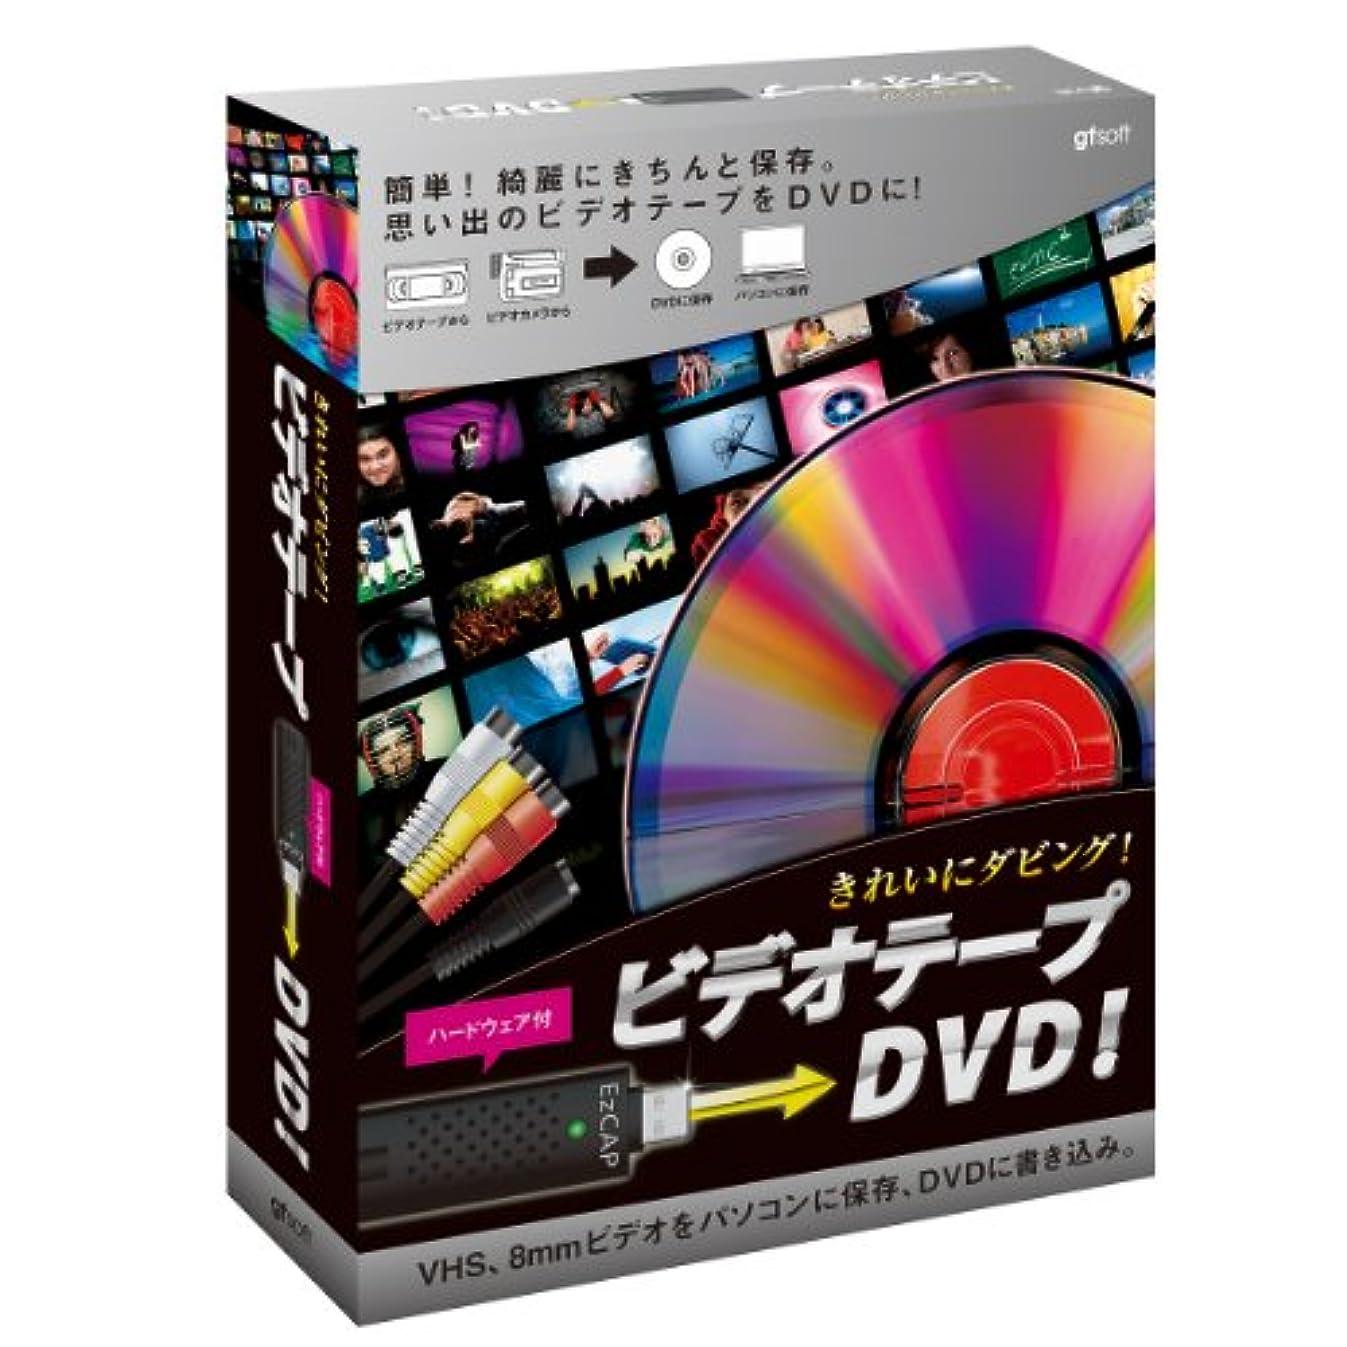 クライアント遮るペフきれいにダビング! ビデオテープ→DVD!  [EZ CAP 108]  ハードウェア付き(リニューアル版)